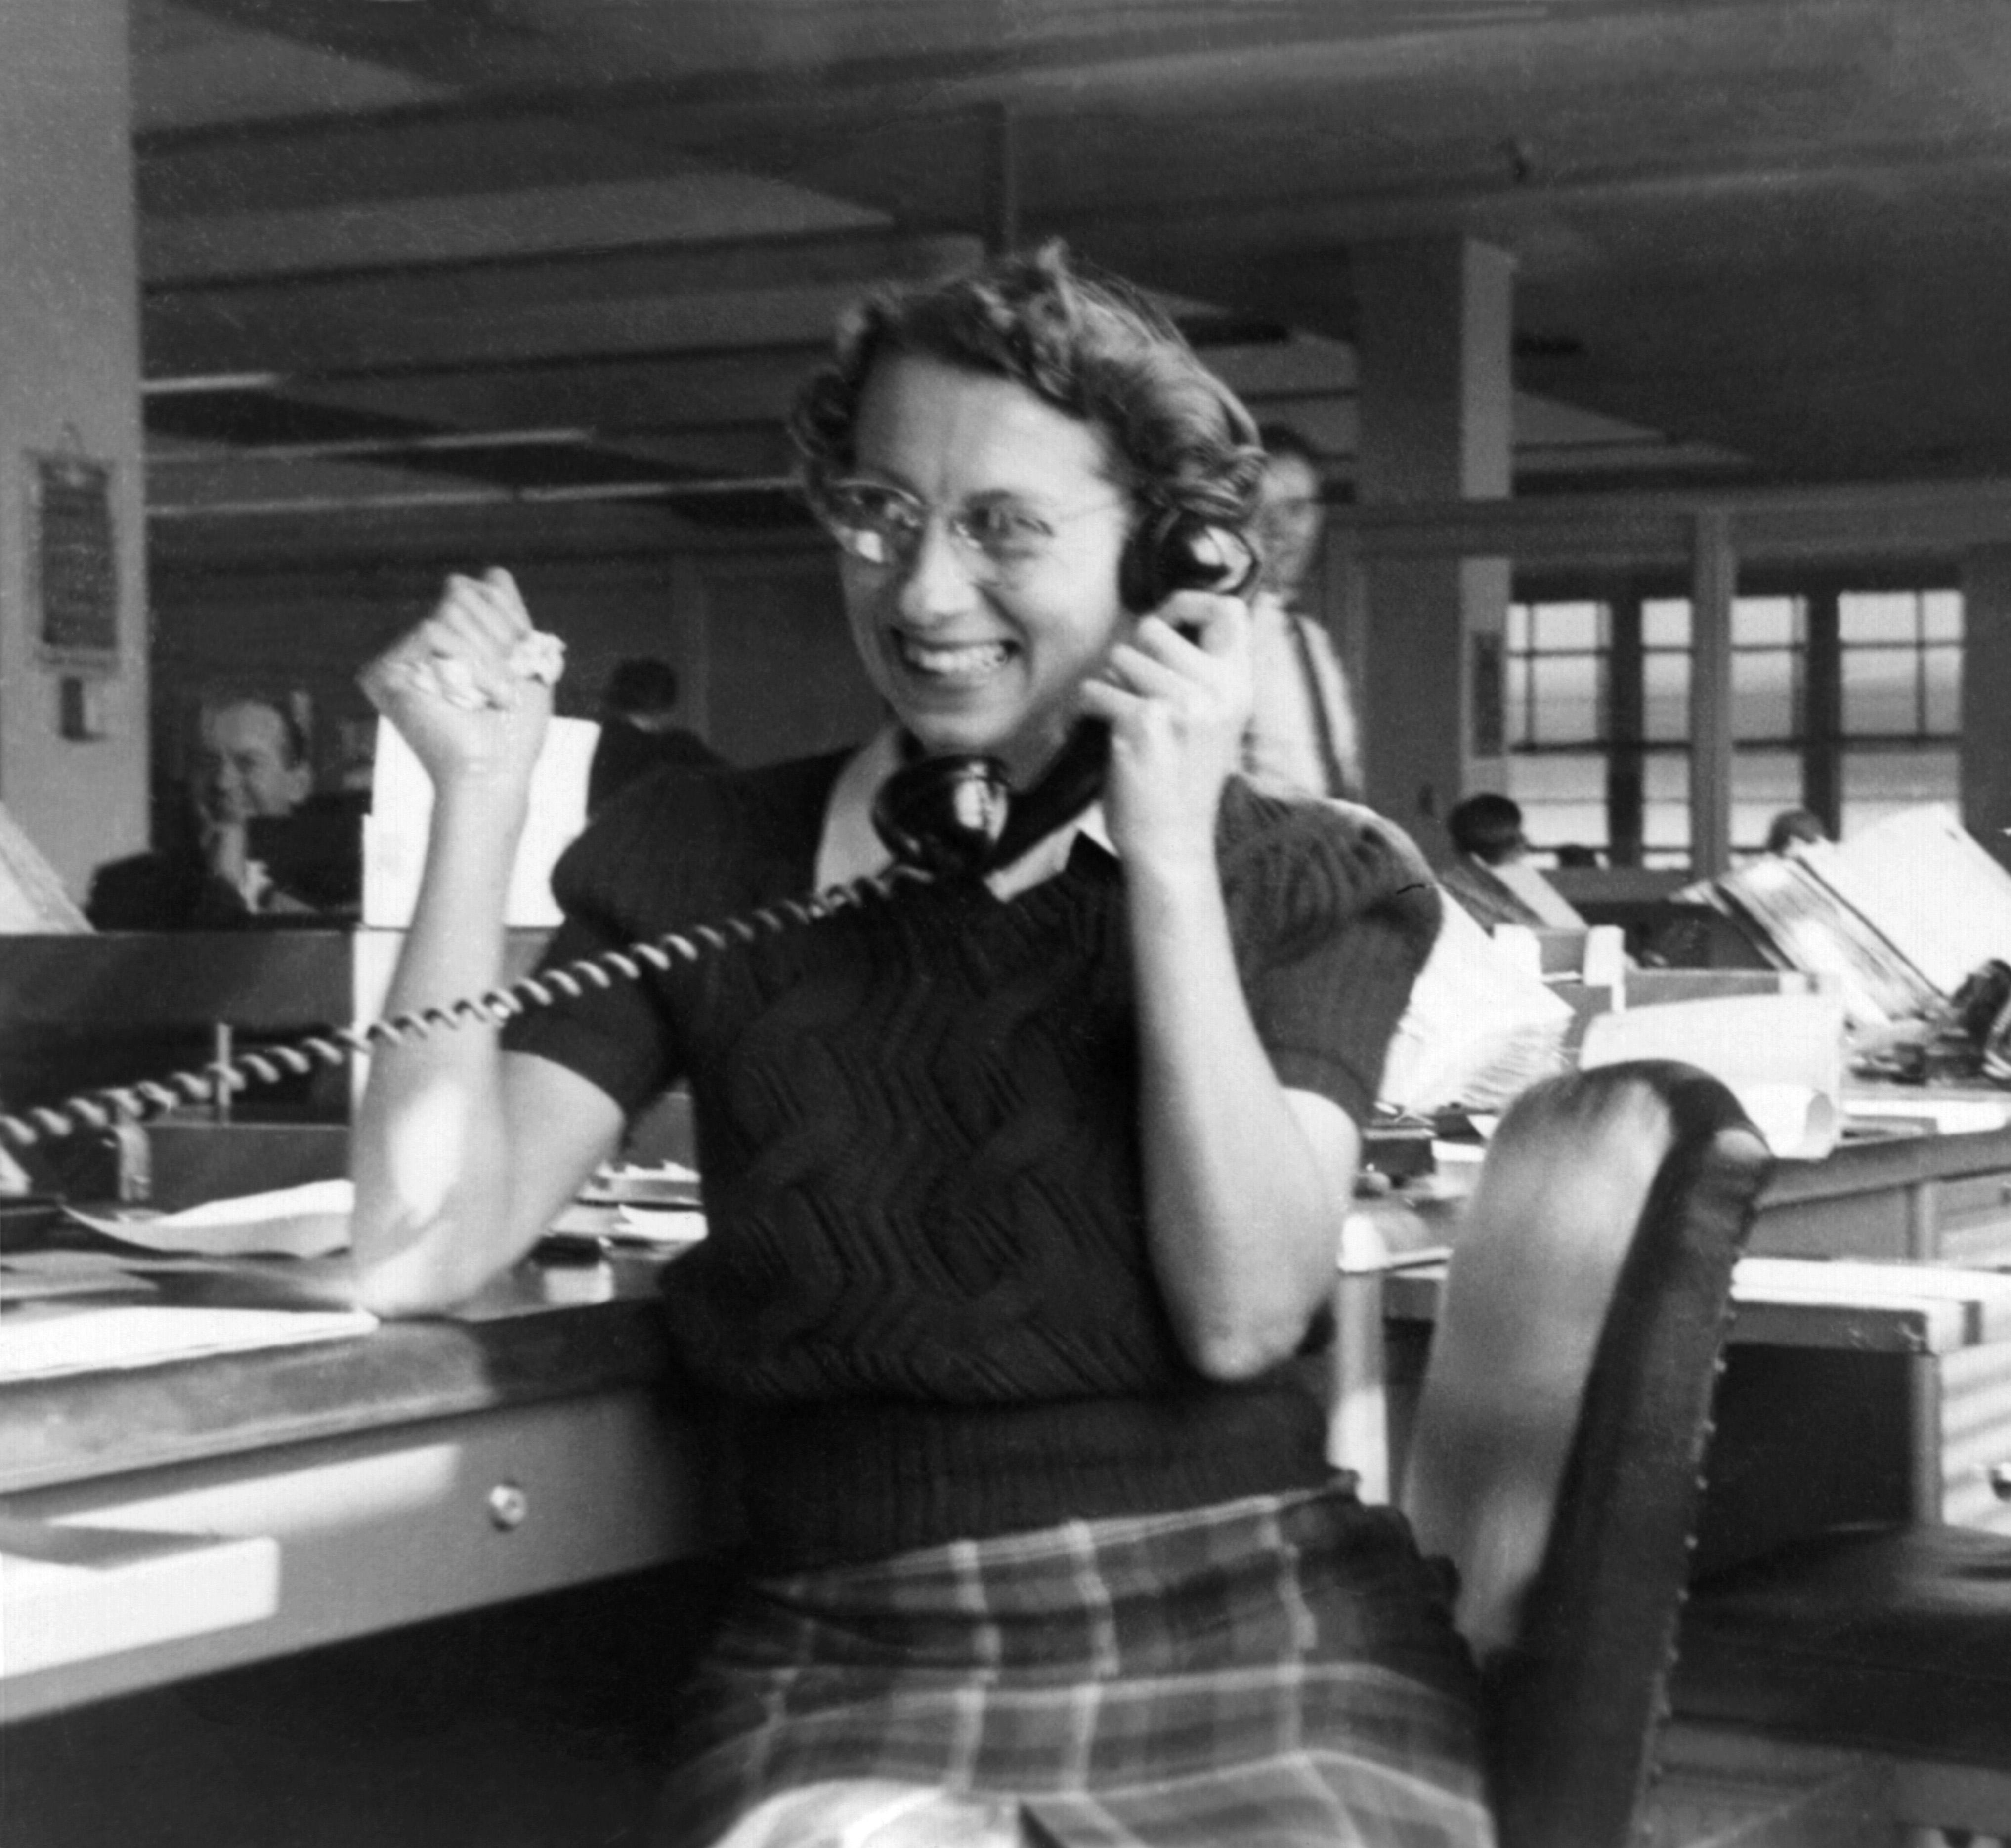 Vintage bilde av kvinne som bruker telefon på kontoret